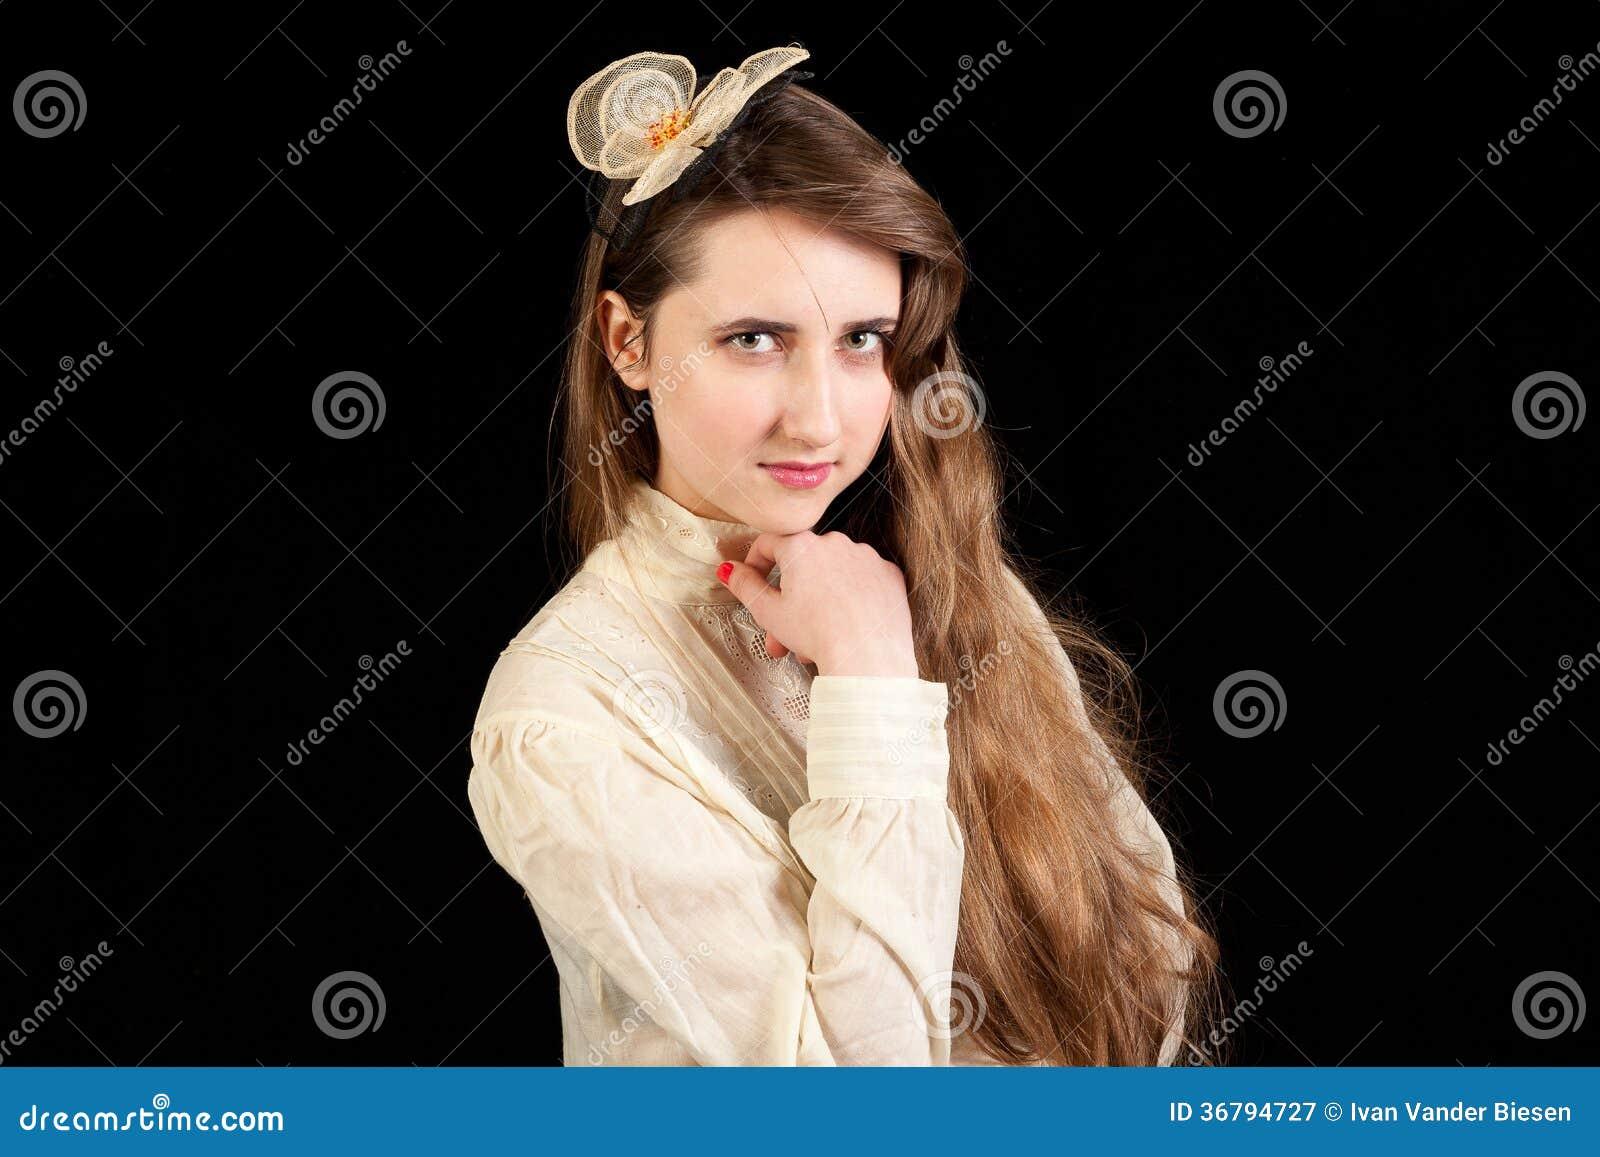 hand under her dress